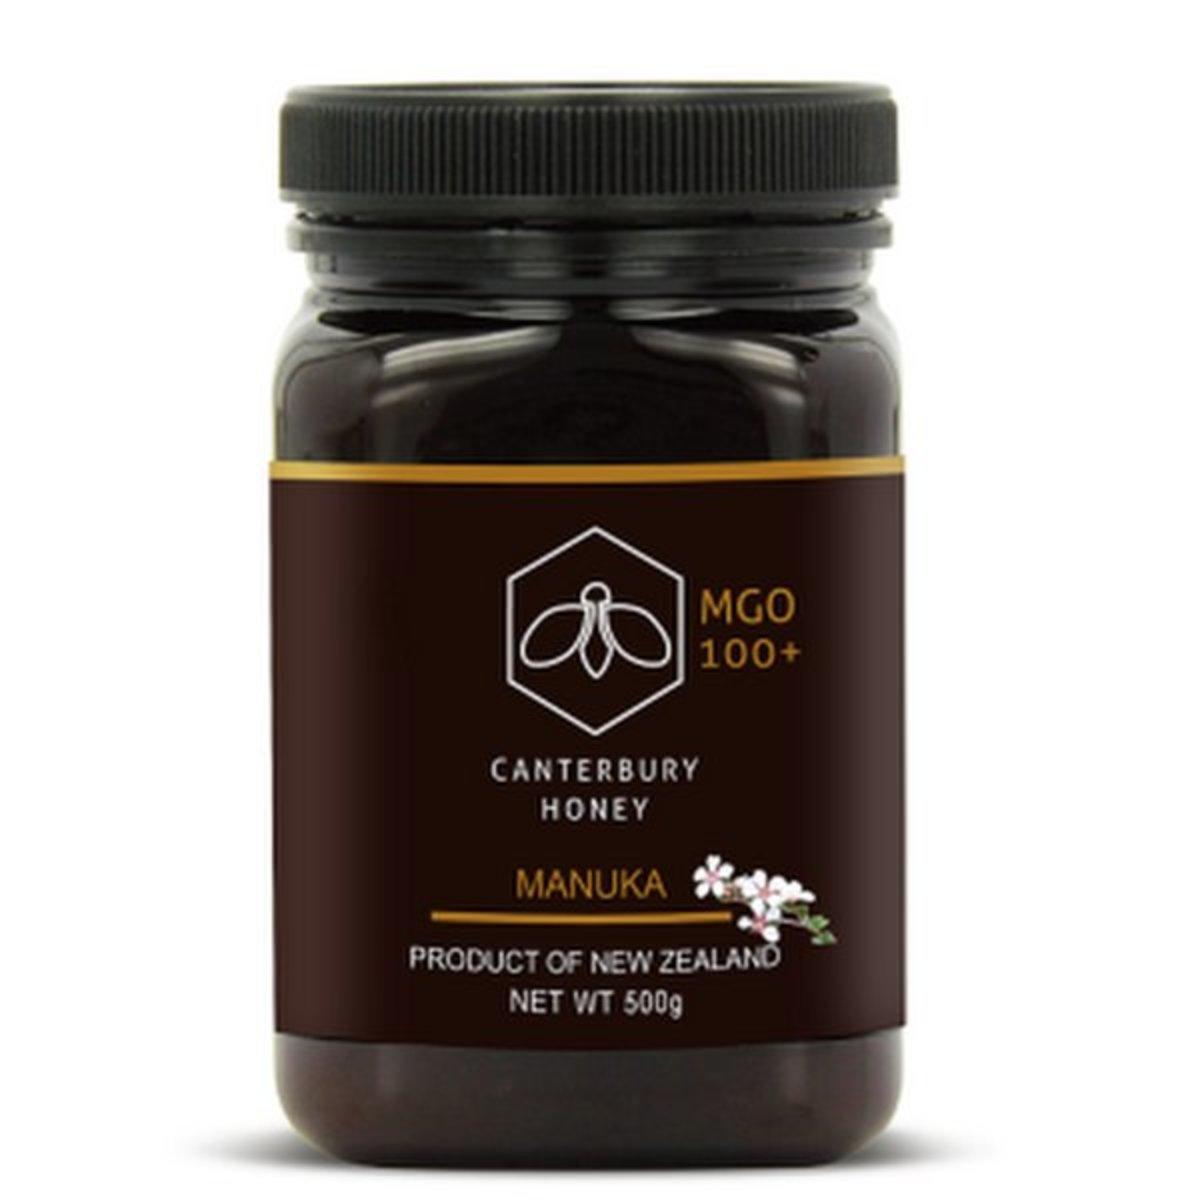 Manuka Honey MGO 100+ - 500g